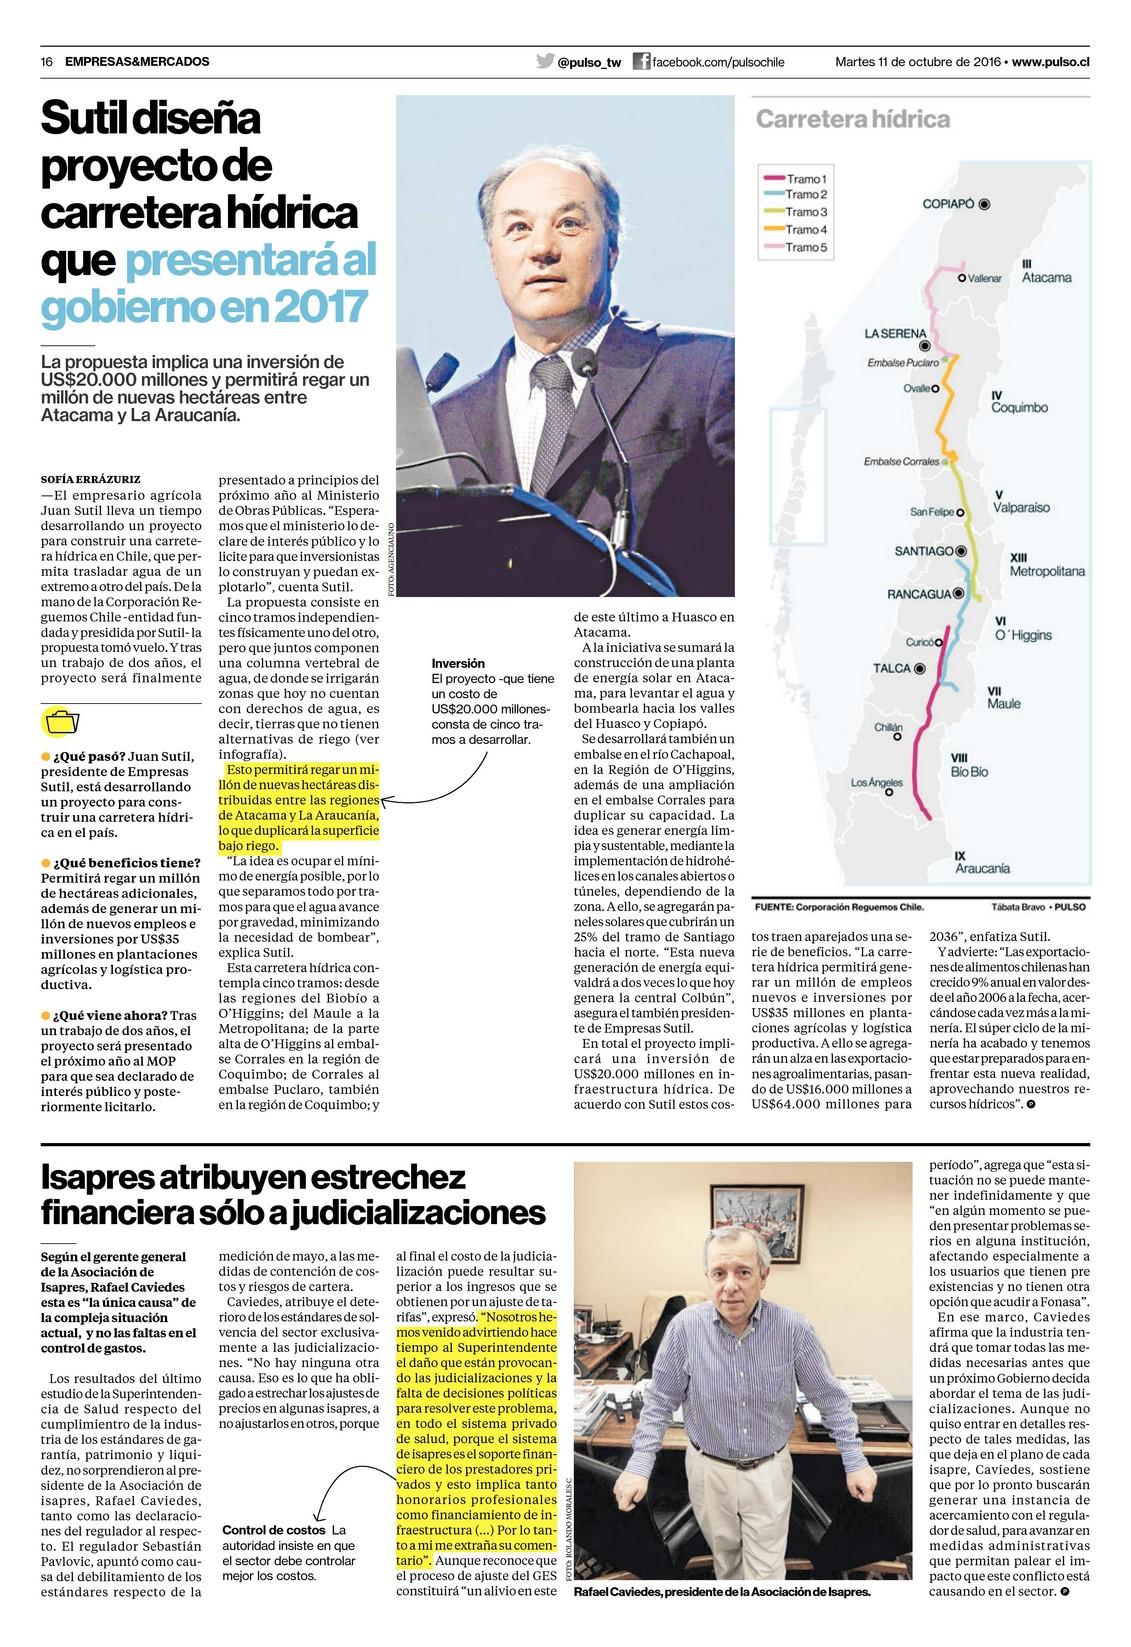 Sutil diseña proyecto de carretera hídrica que presentará al gobierno en 2017